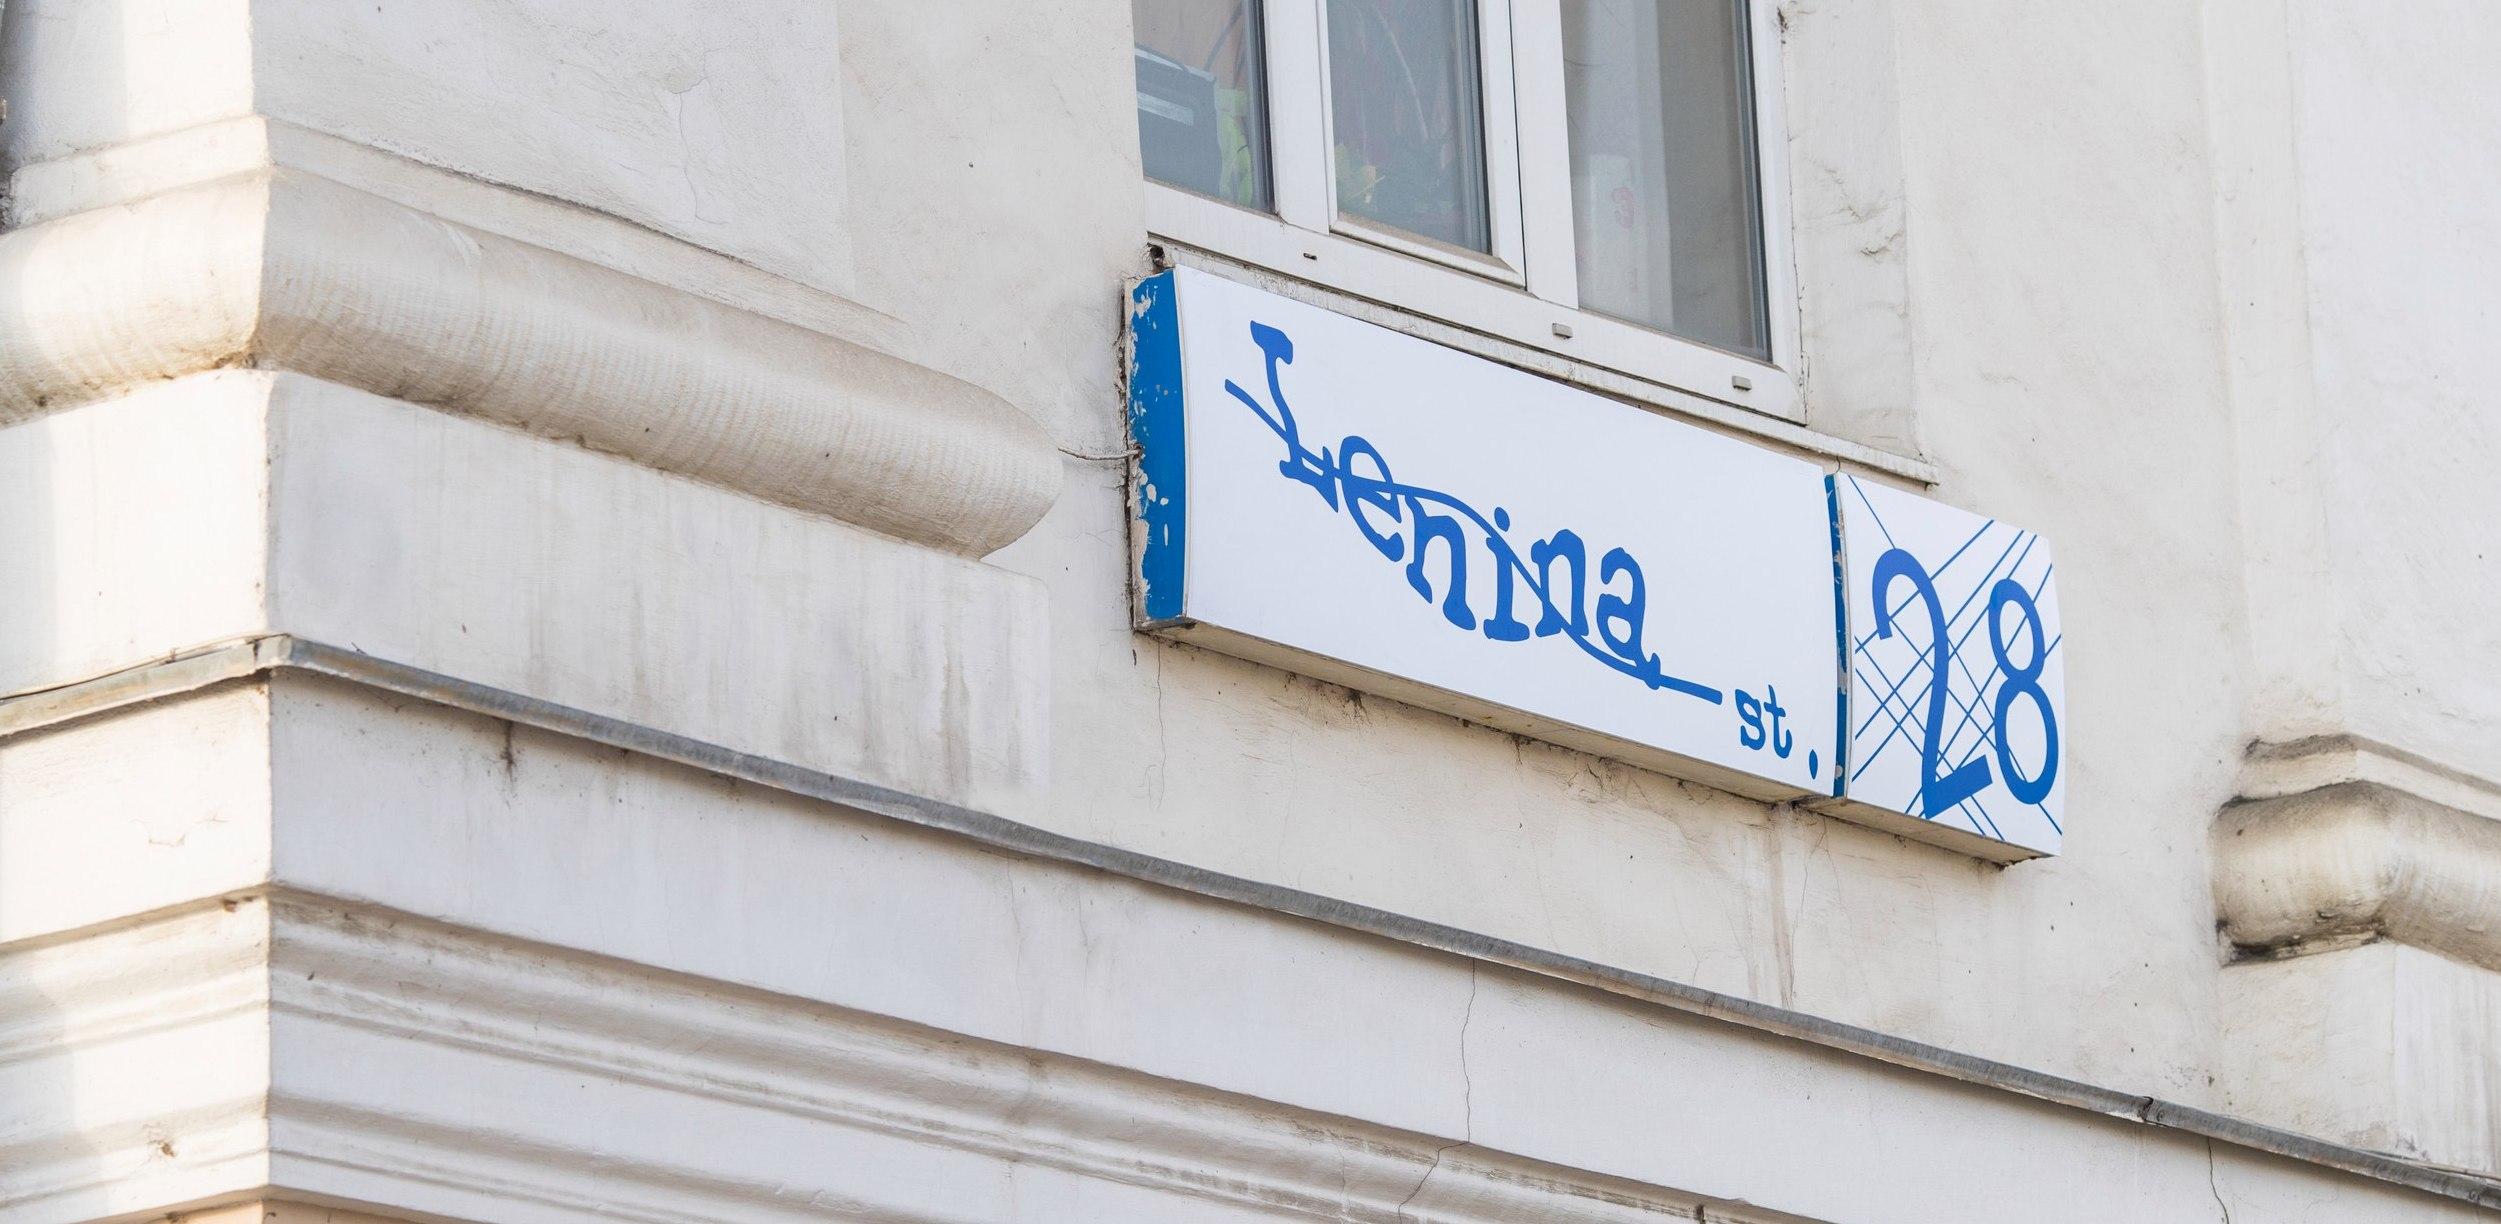 Подтверди, что ты человек: названия улиц и остановок в Екатеринбурге написали «капчей»